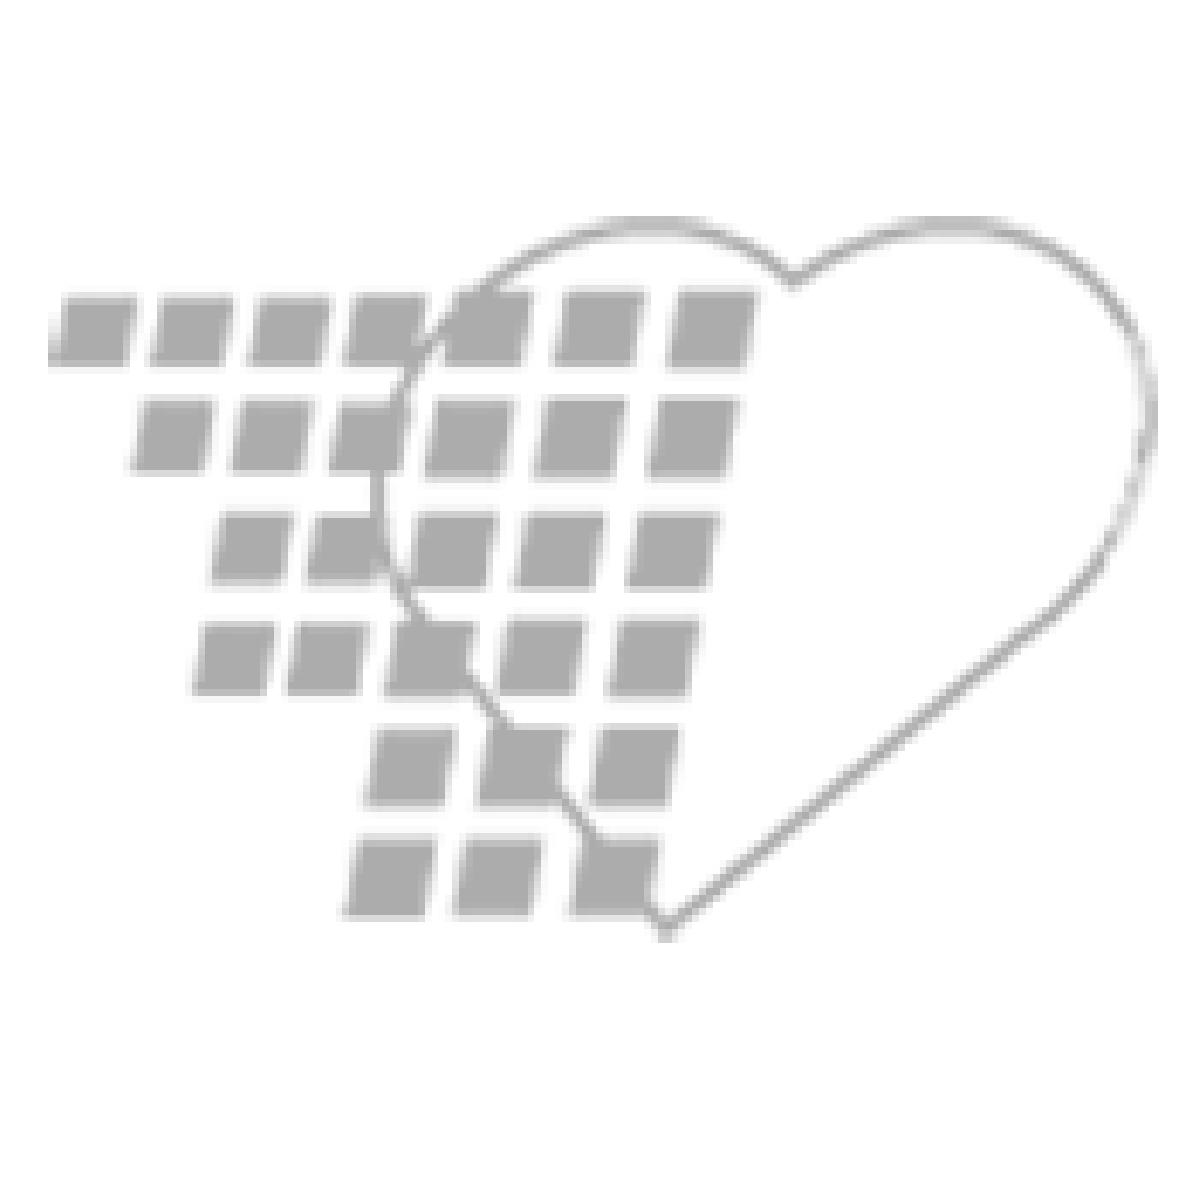 09-79-5363 - Delmar's Basic Nursing Care Skills DVDs Each (1-8) Non-Returnable